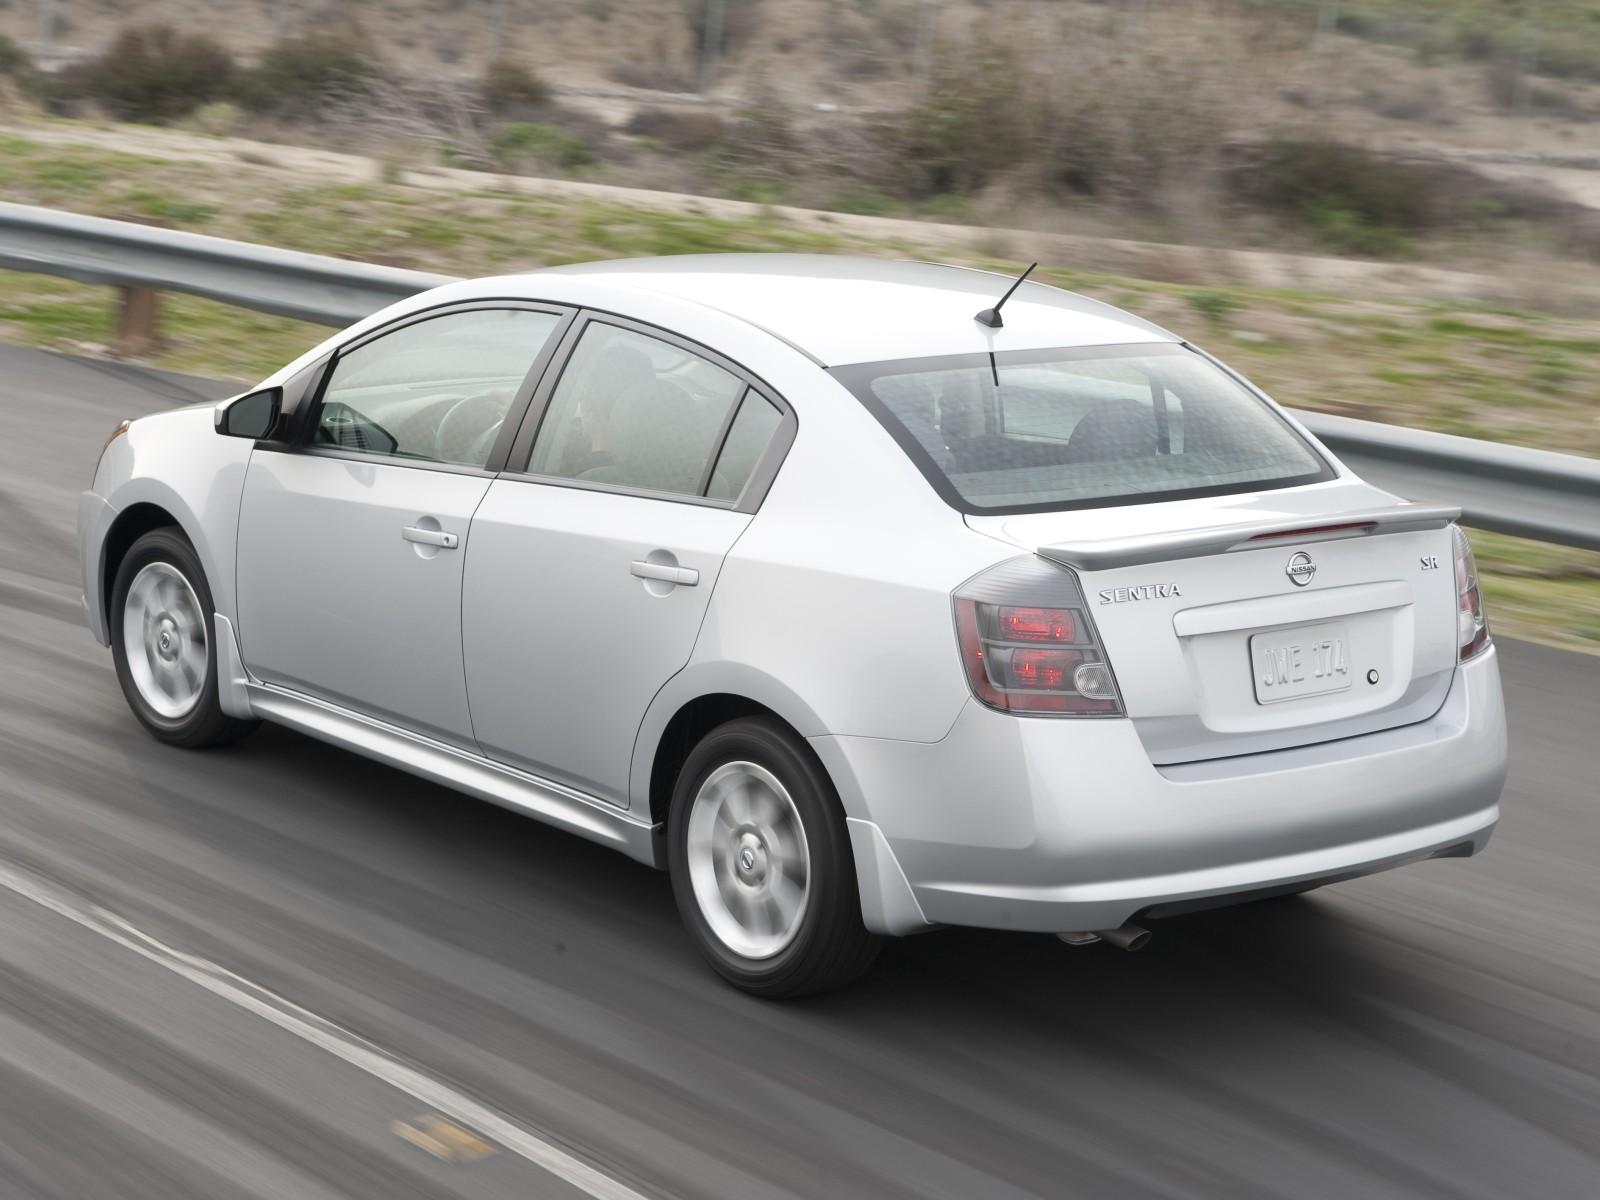 Nissan sentra 2011 ficha tcnica imgenes y lista de rivales nissan sentra 2011 ficha tcnica imgenes y lista de rivales vanachro Images